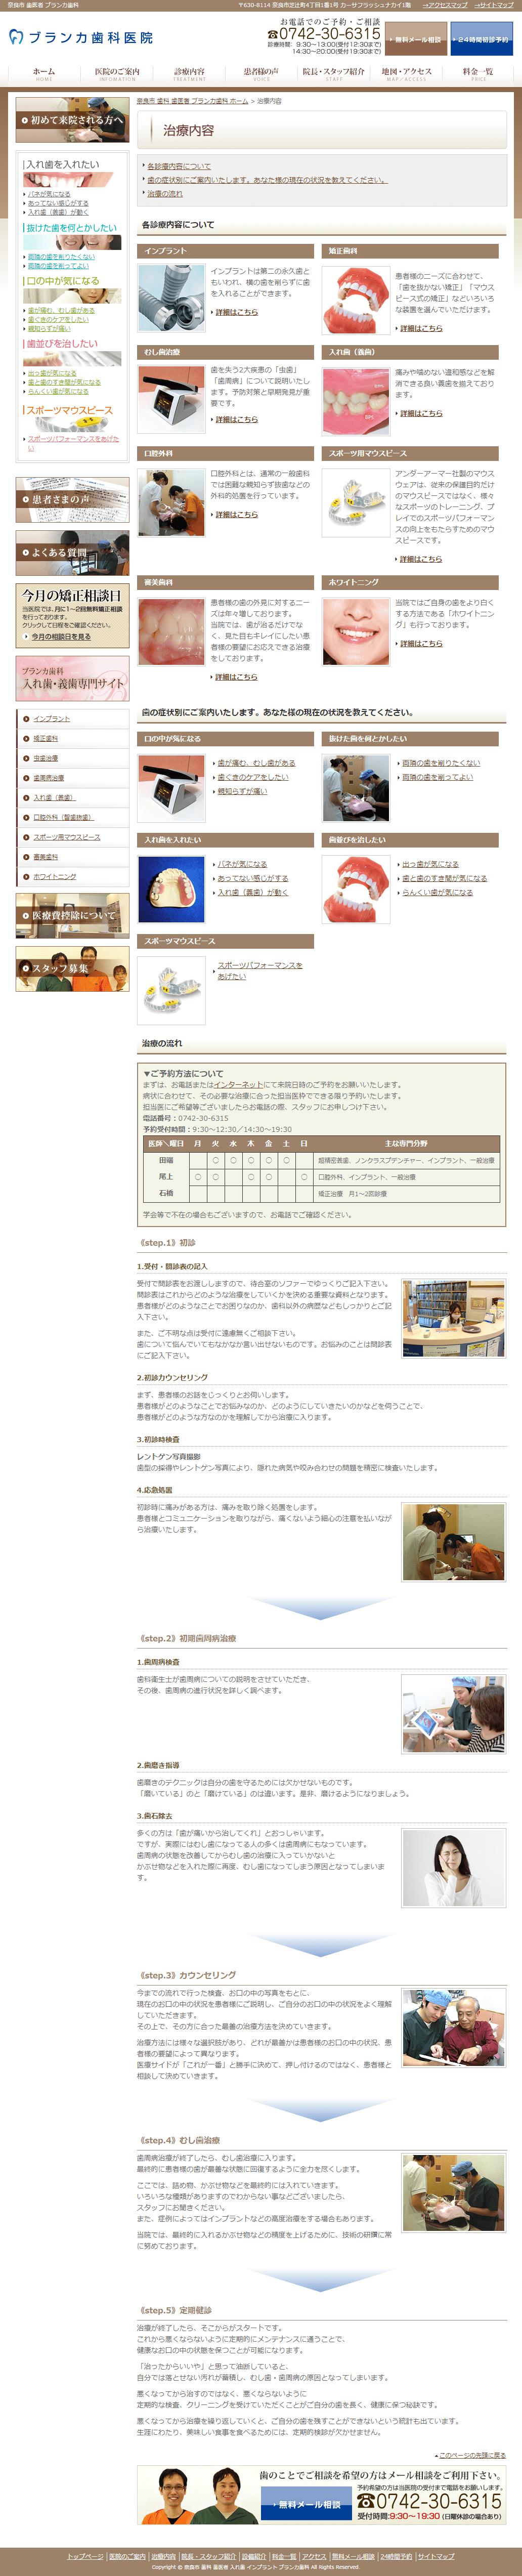 奈良市 ブランカ歯科様 ホームページ制作2